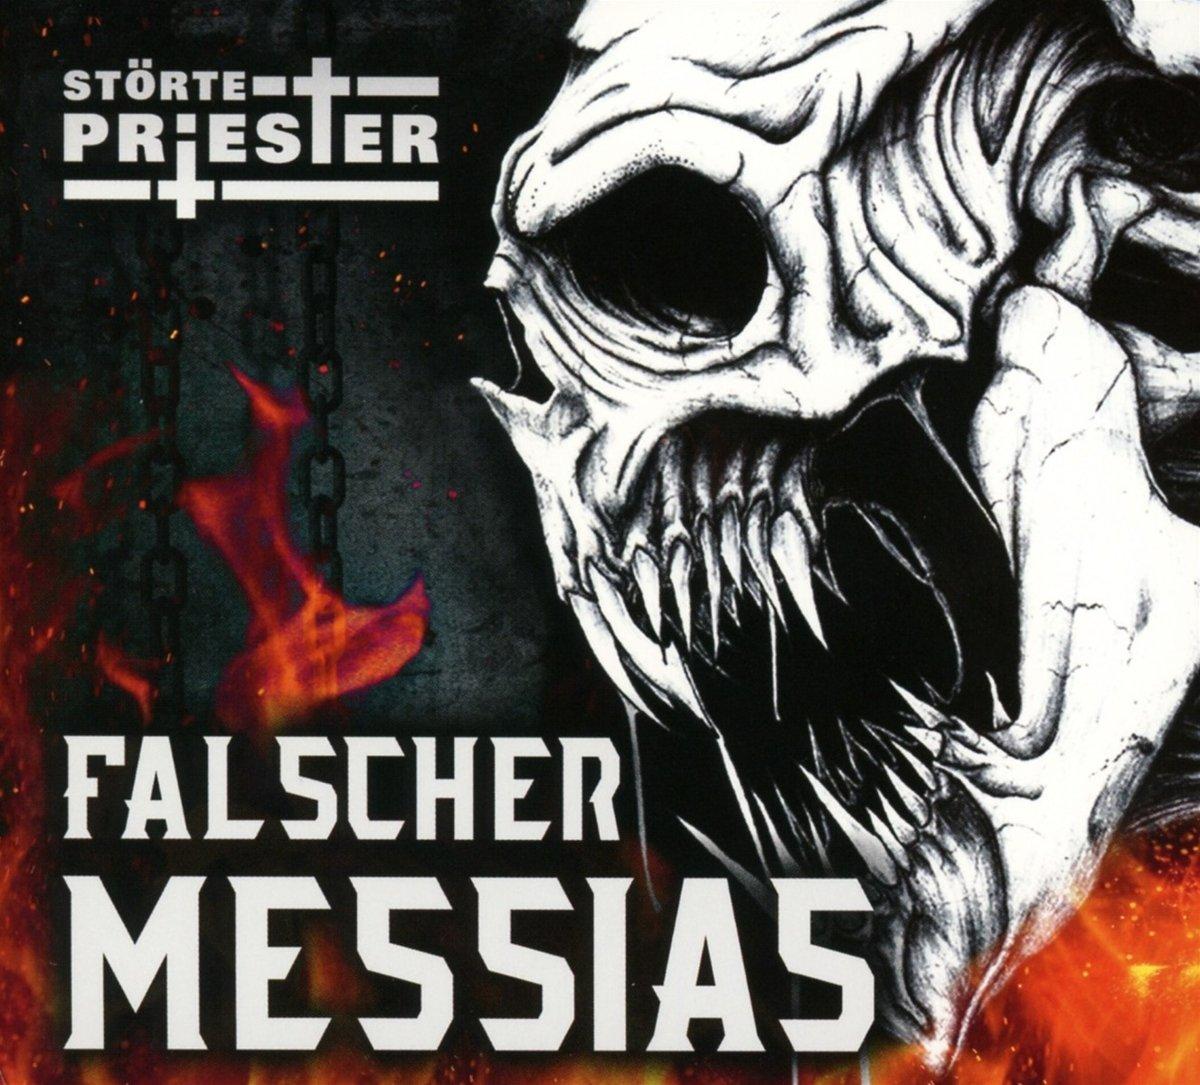 Falscher Messias depot free